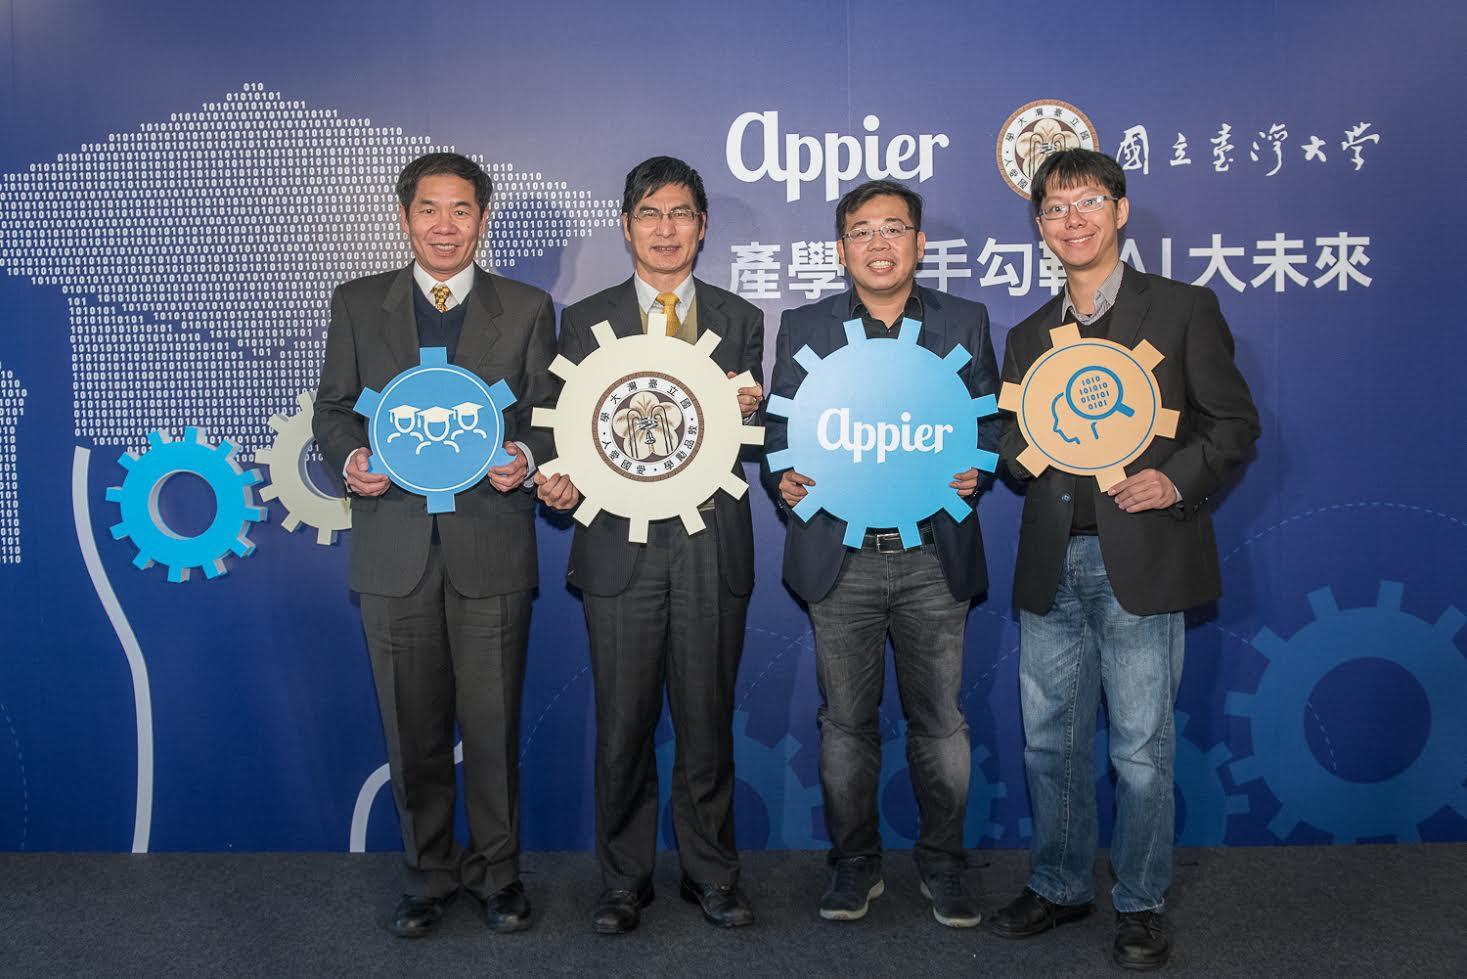 是打造人工智慧願景, Appier 延攬亞洲 AI 專家啟動產學人才交流與培育這篇文章的首圖